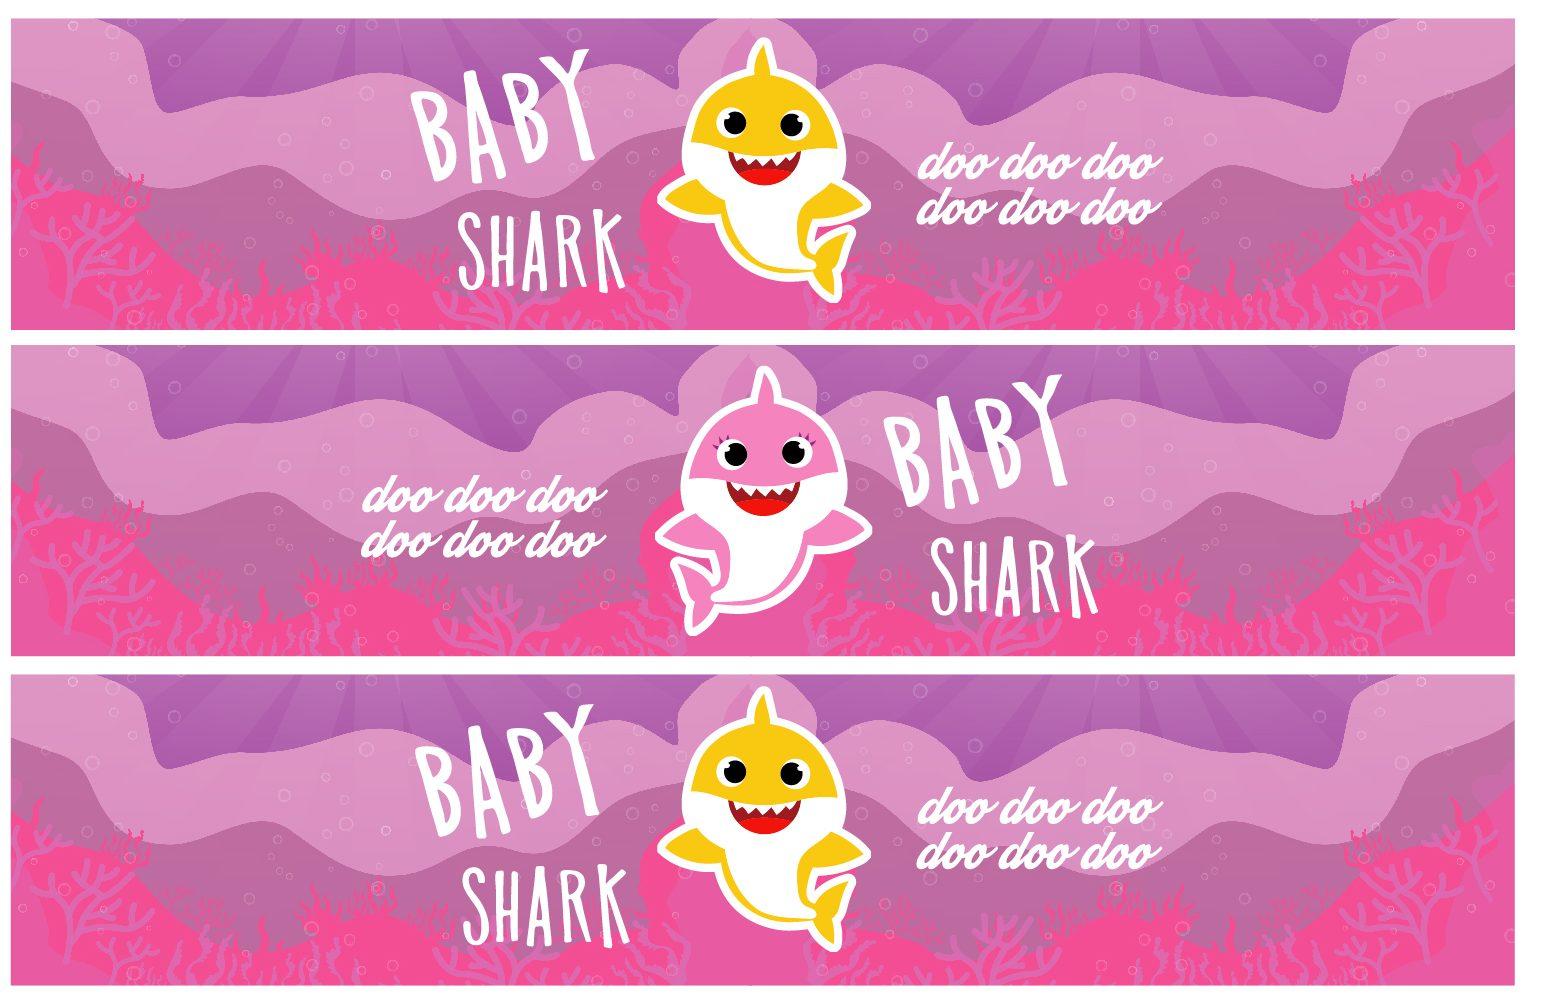 baby-shark-imprimir-adesivo-garrafa-2